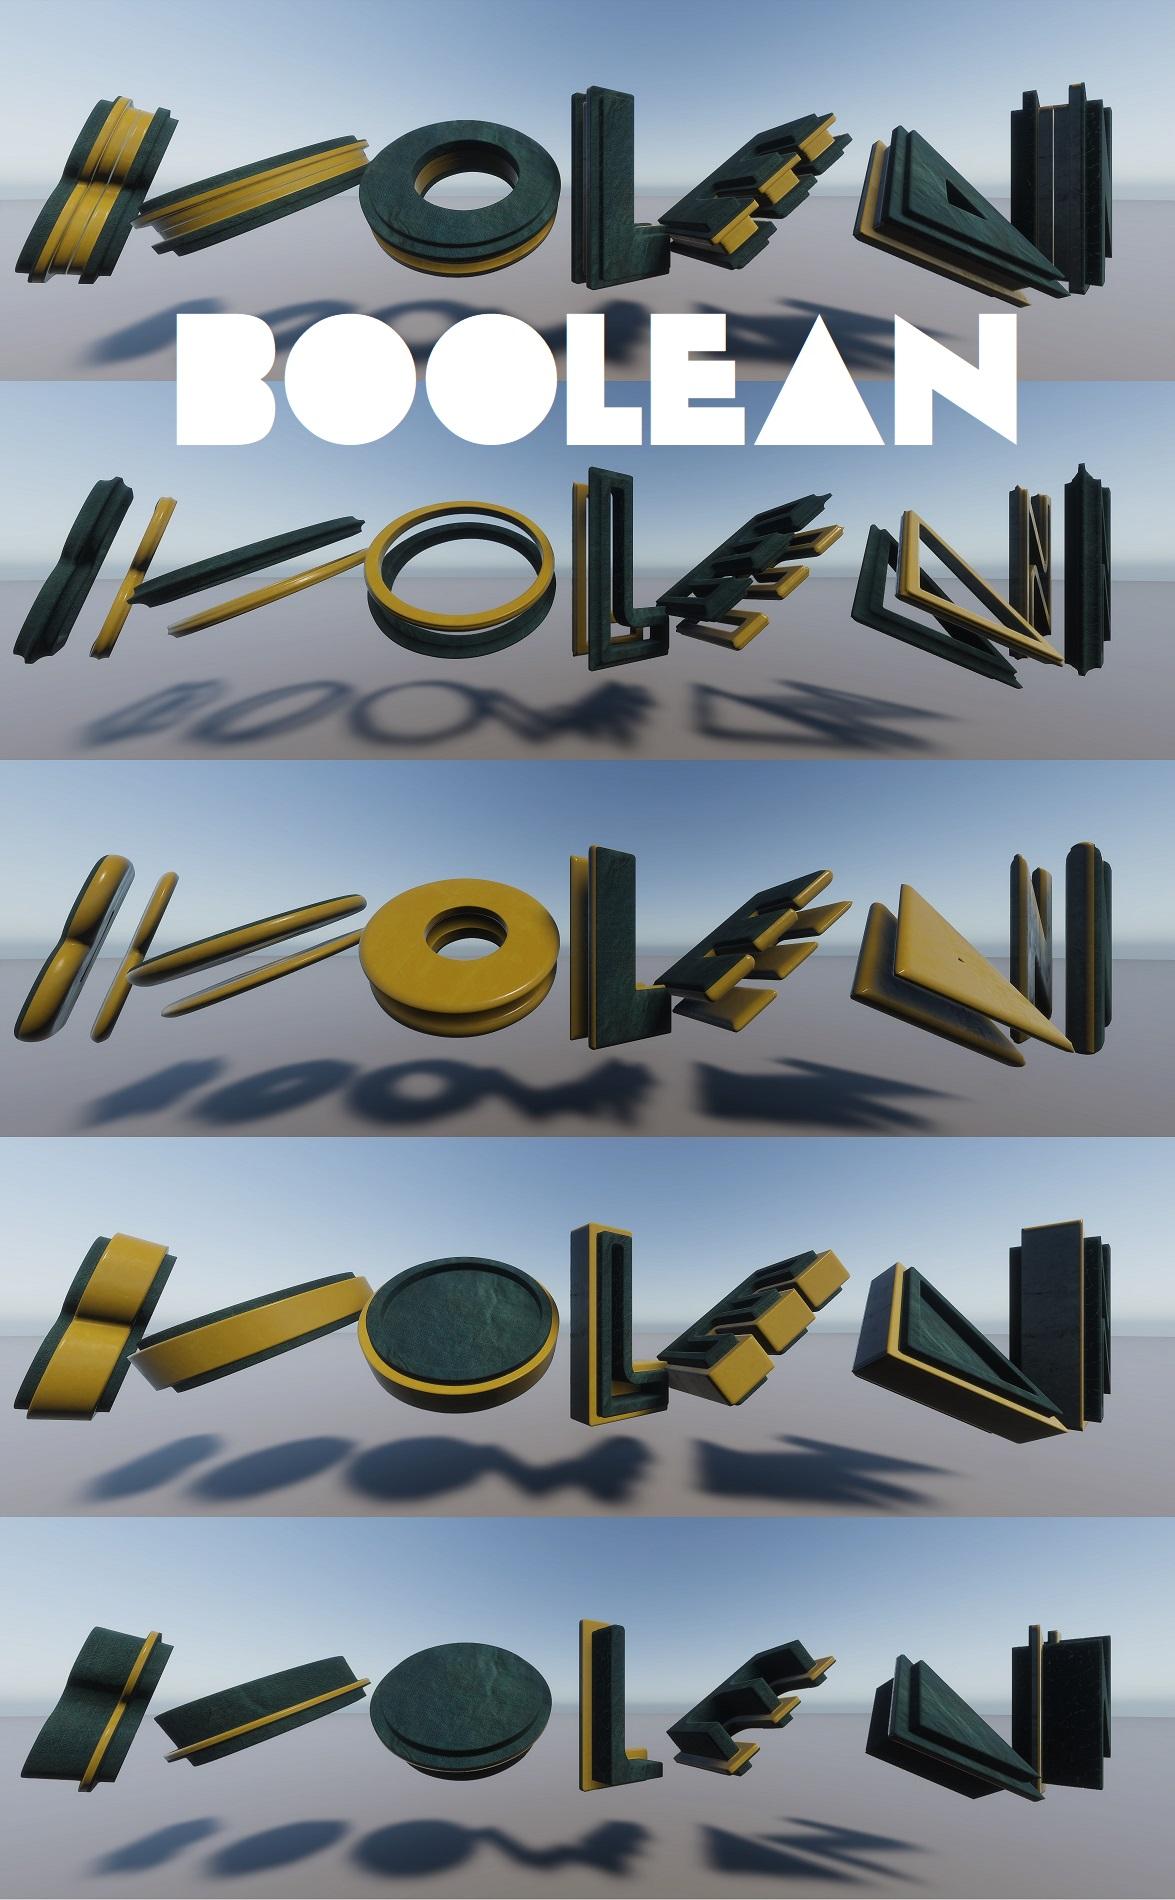 boleanb2.jpg